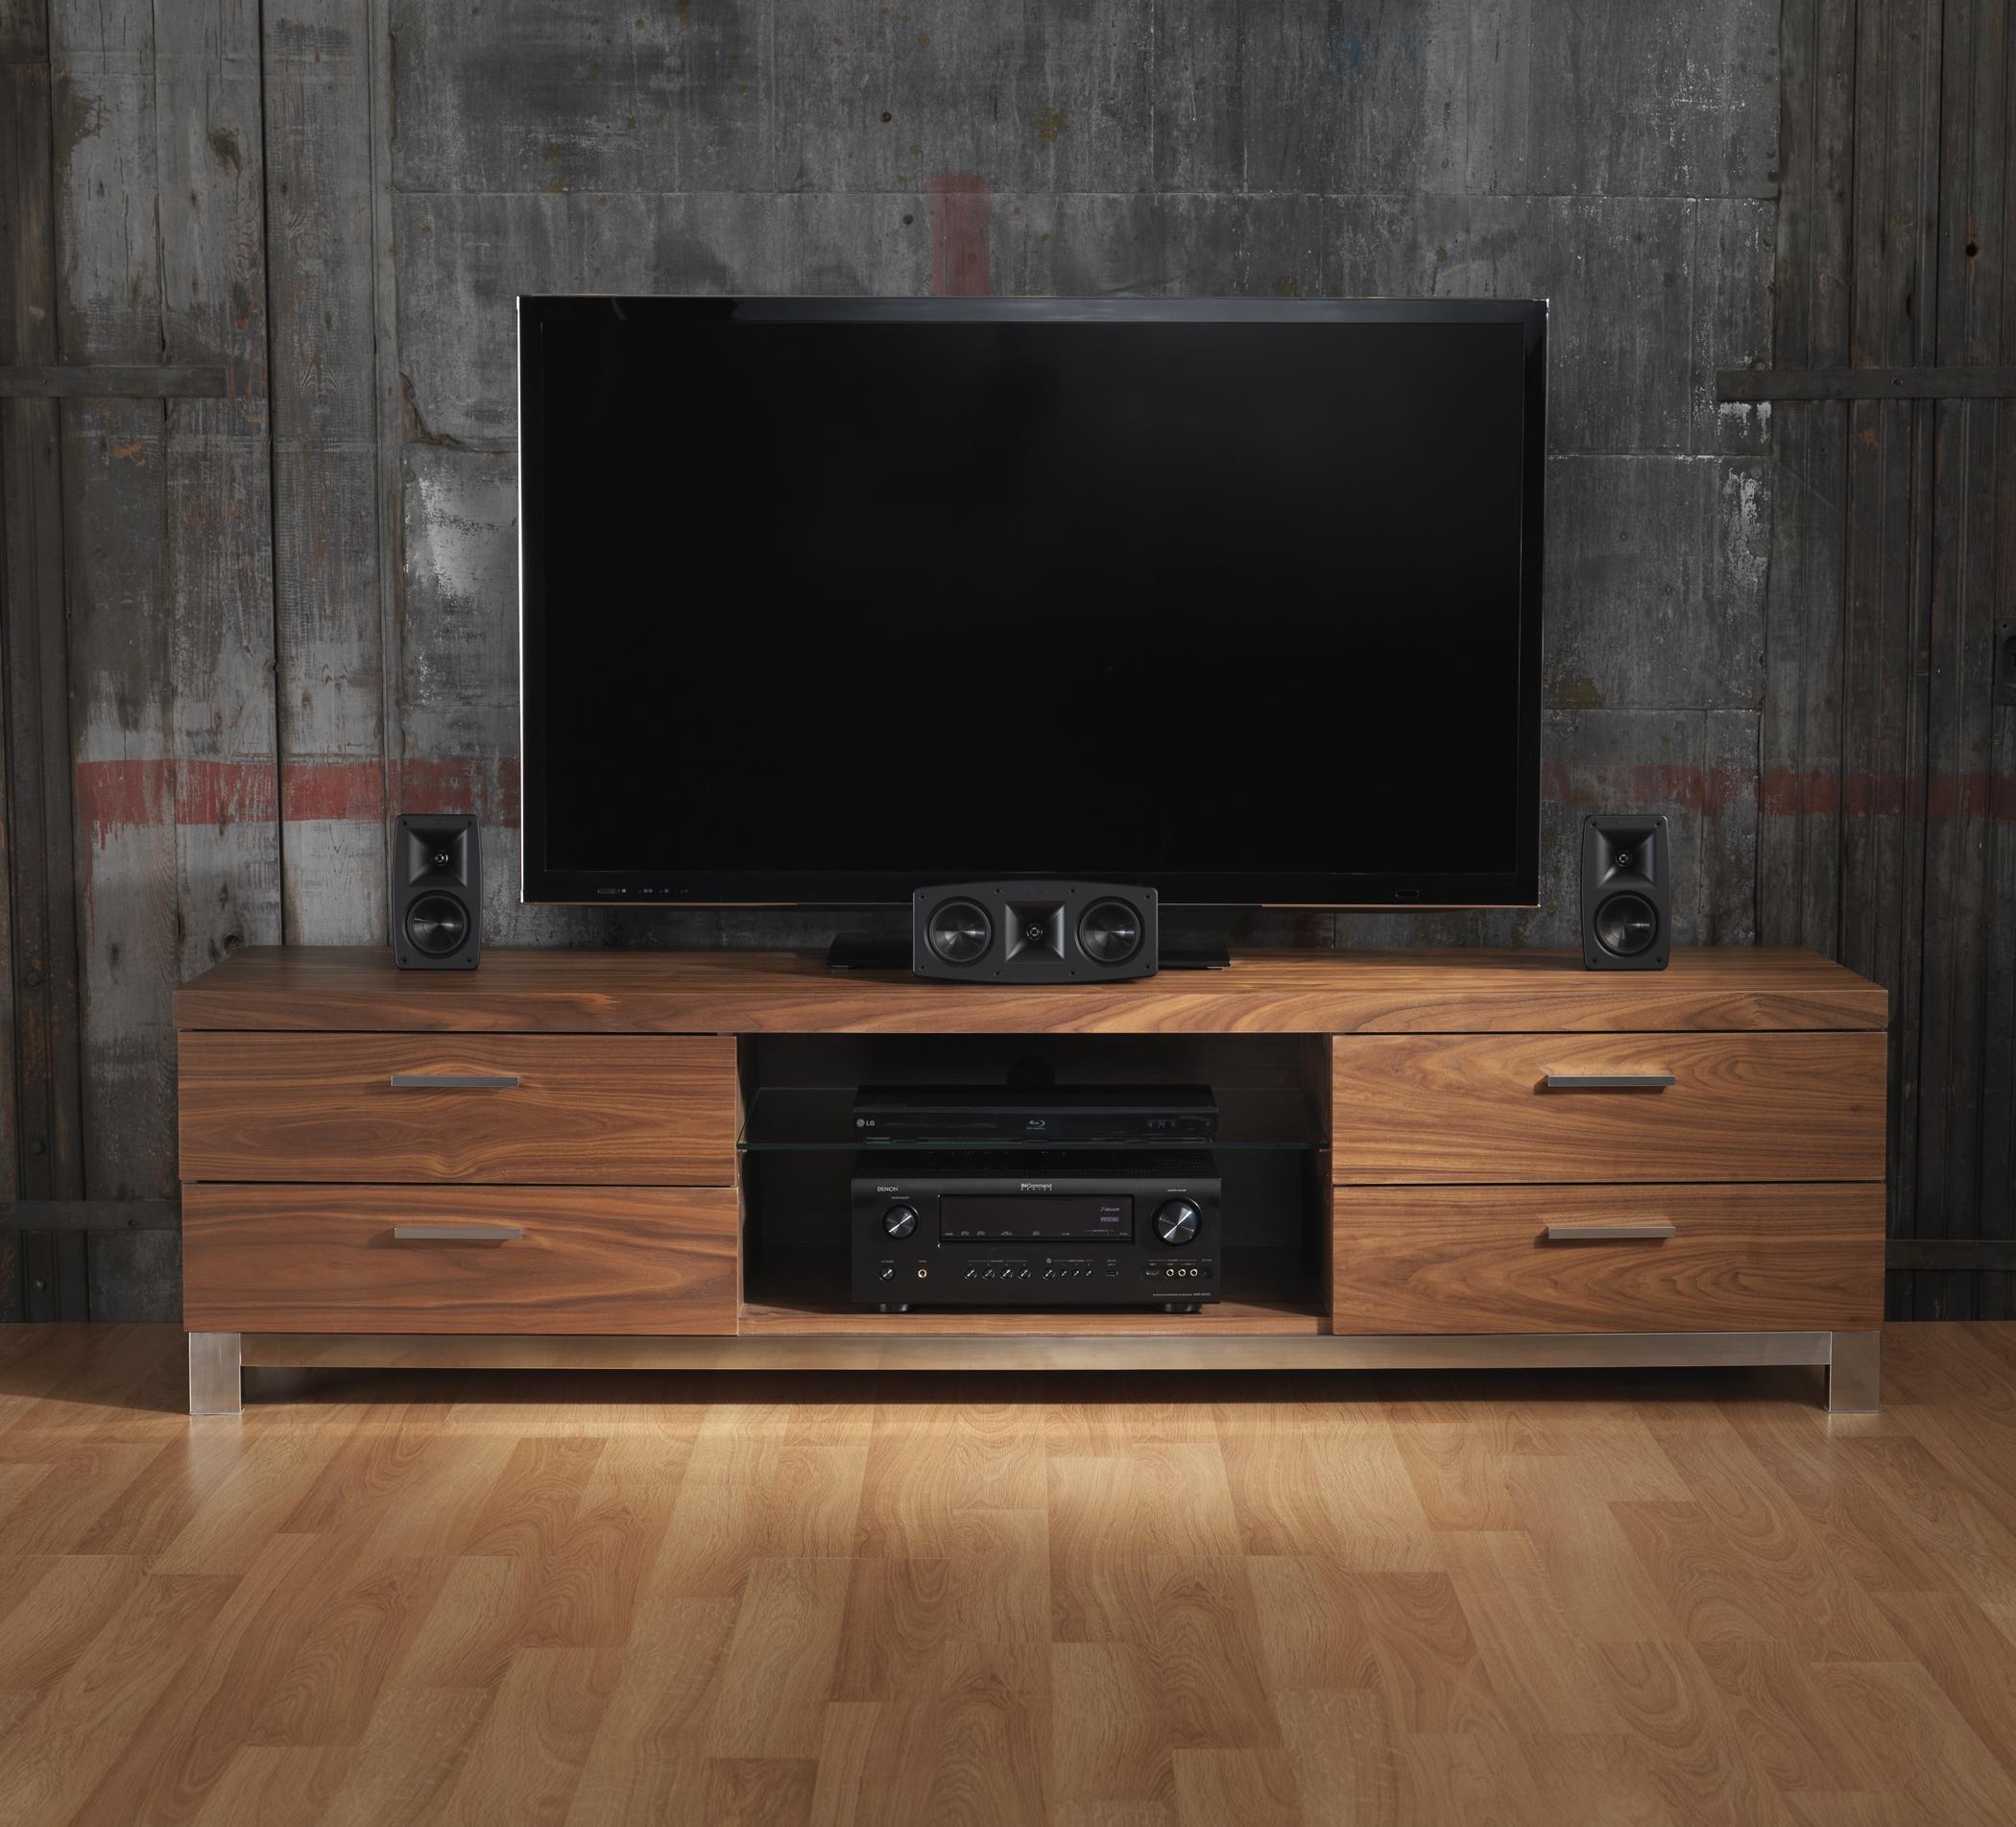 Quintet Home Theater Surround Sound System Klipsch